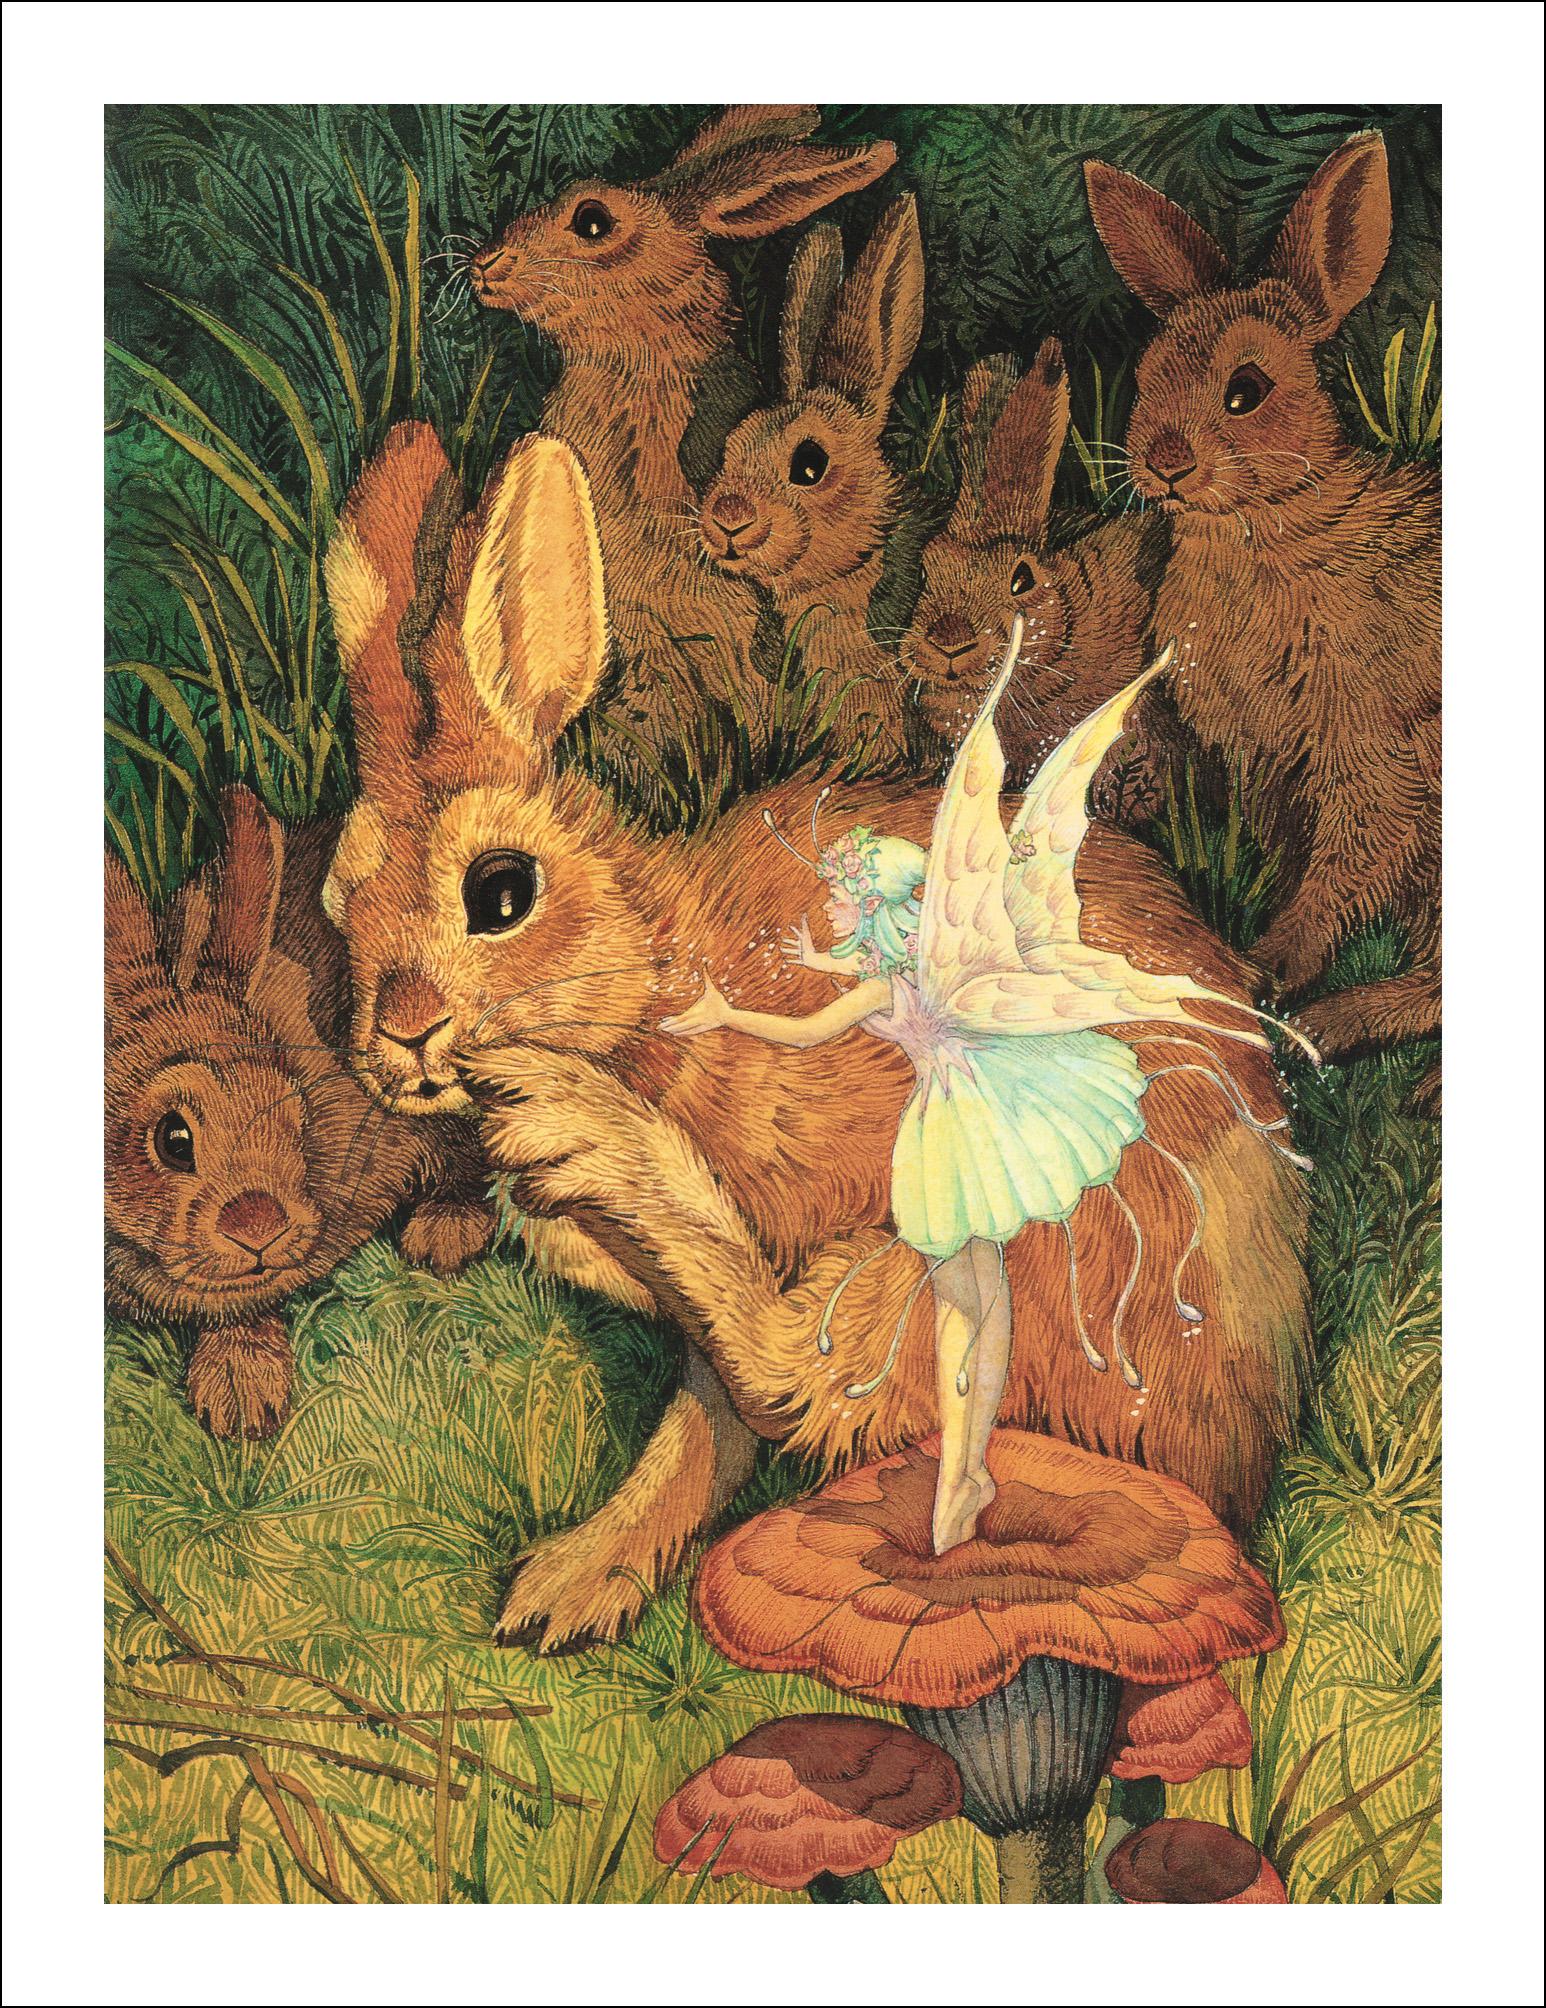 Дон Дейли, Плюшевый кролик